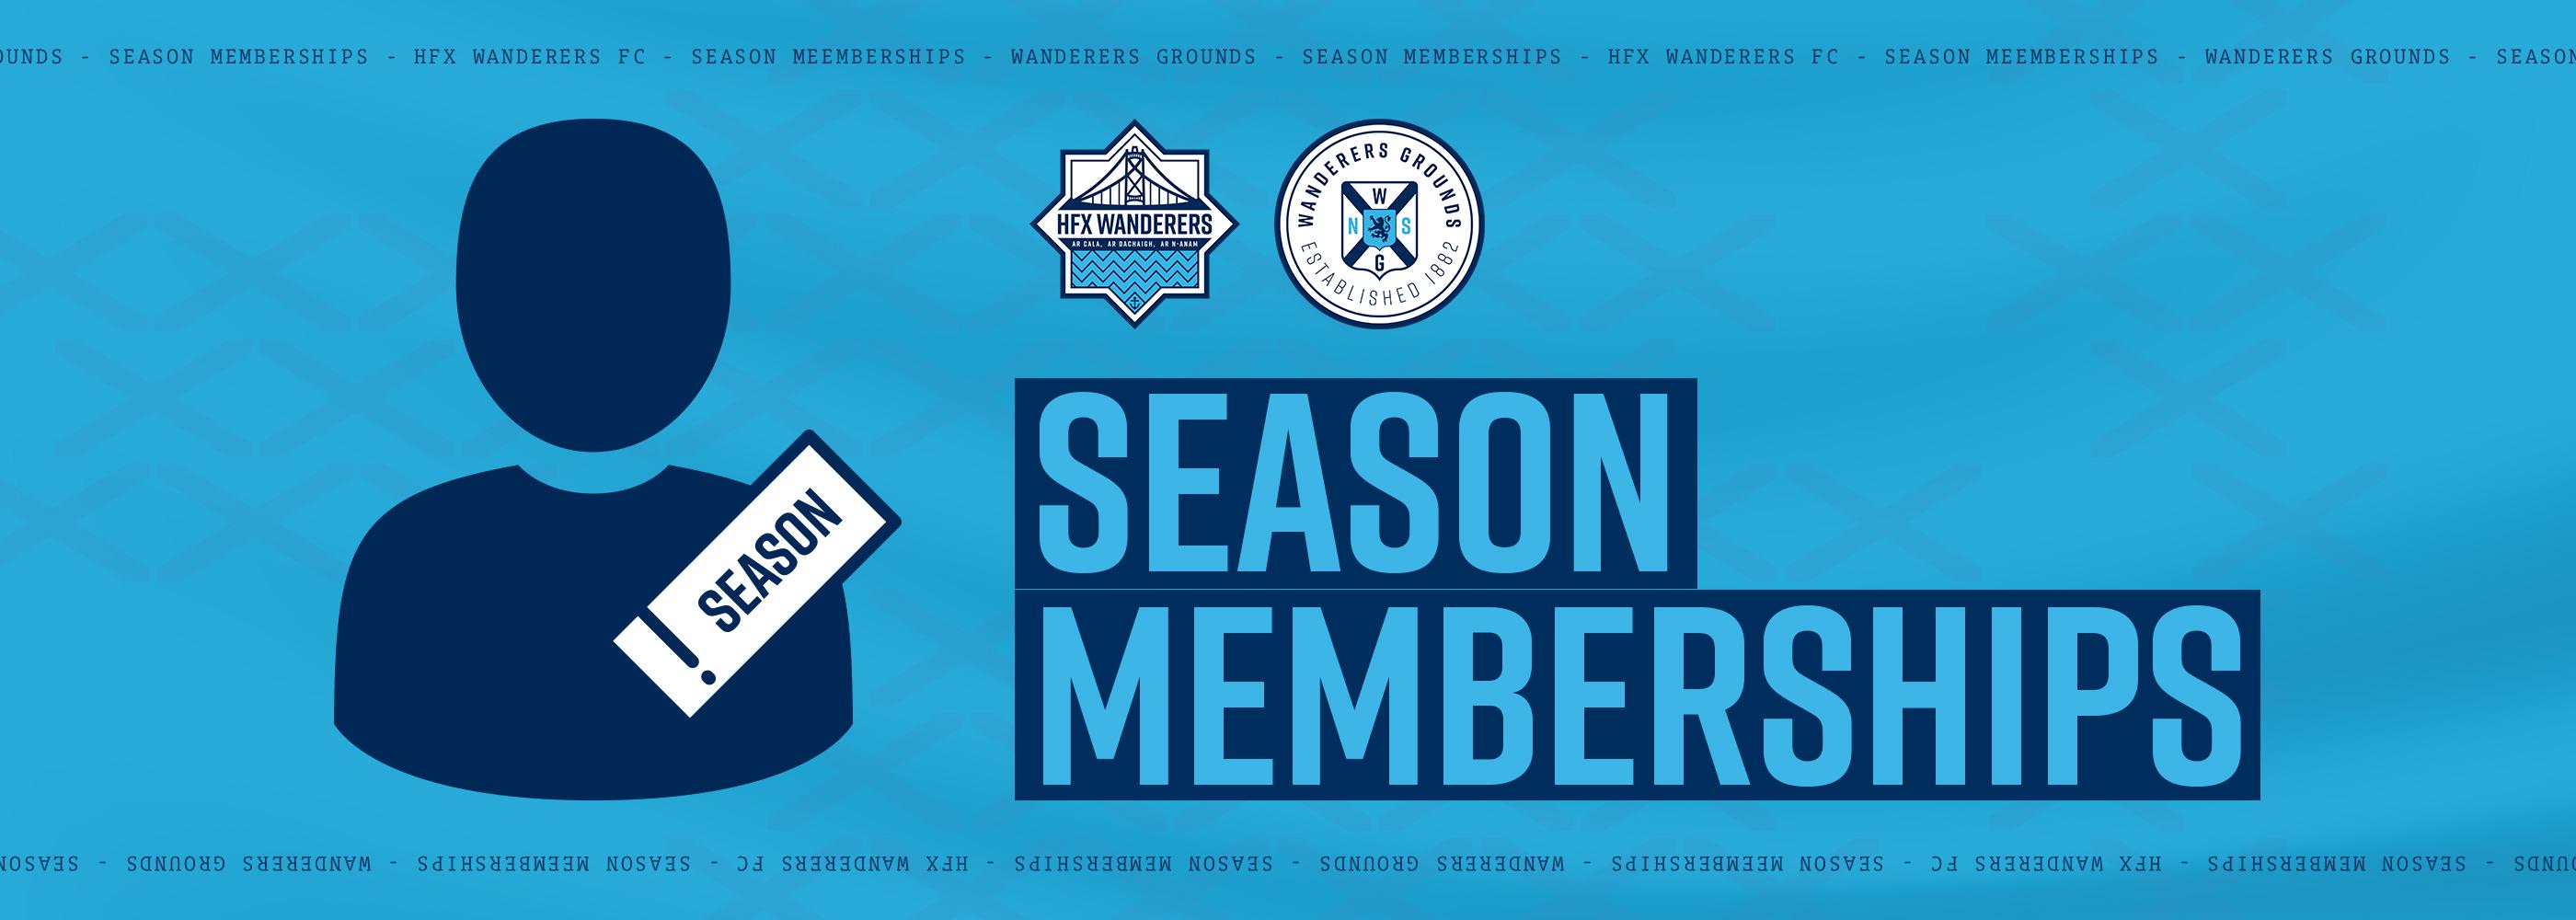 season_featured